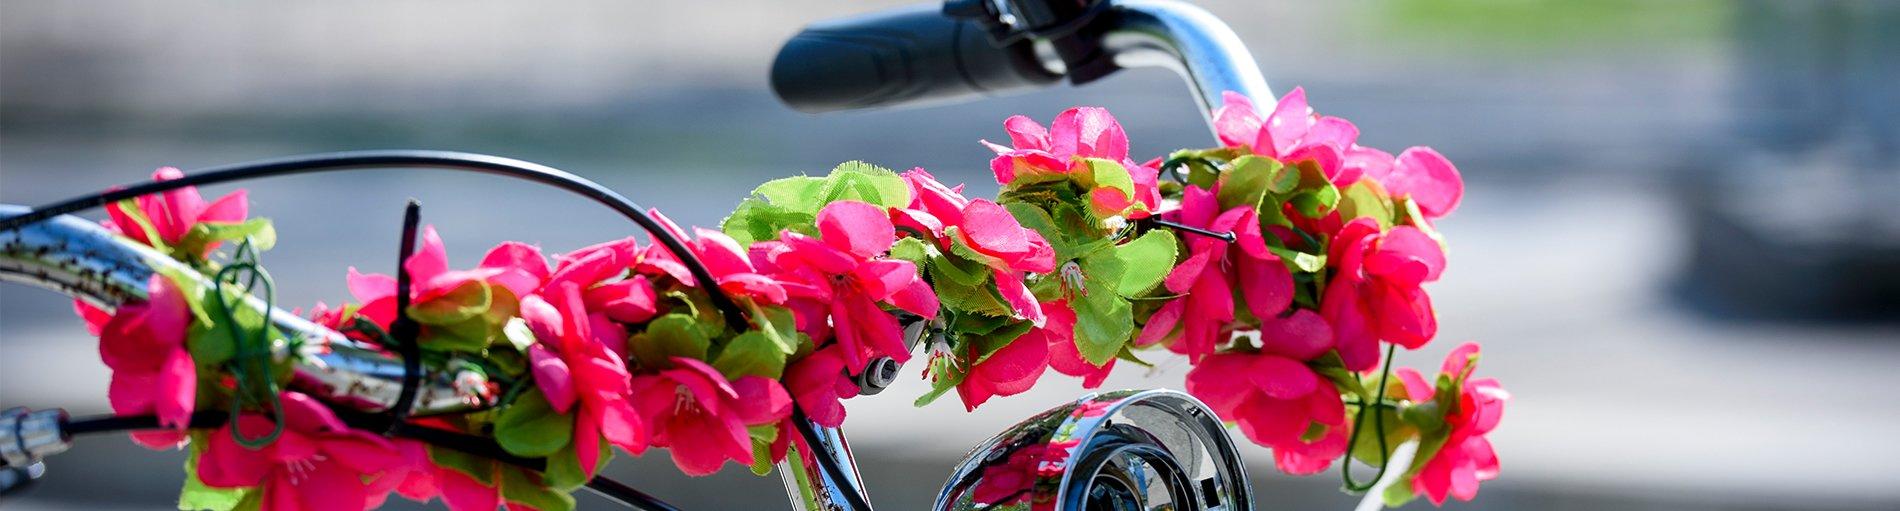 Fahrradlenkrad mit Blumen